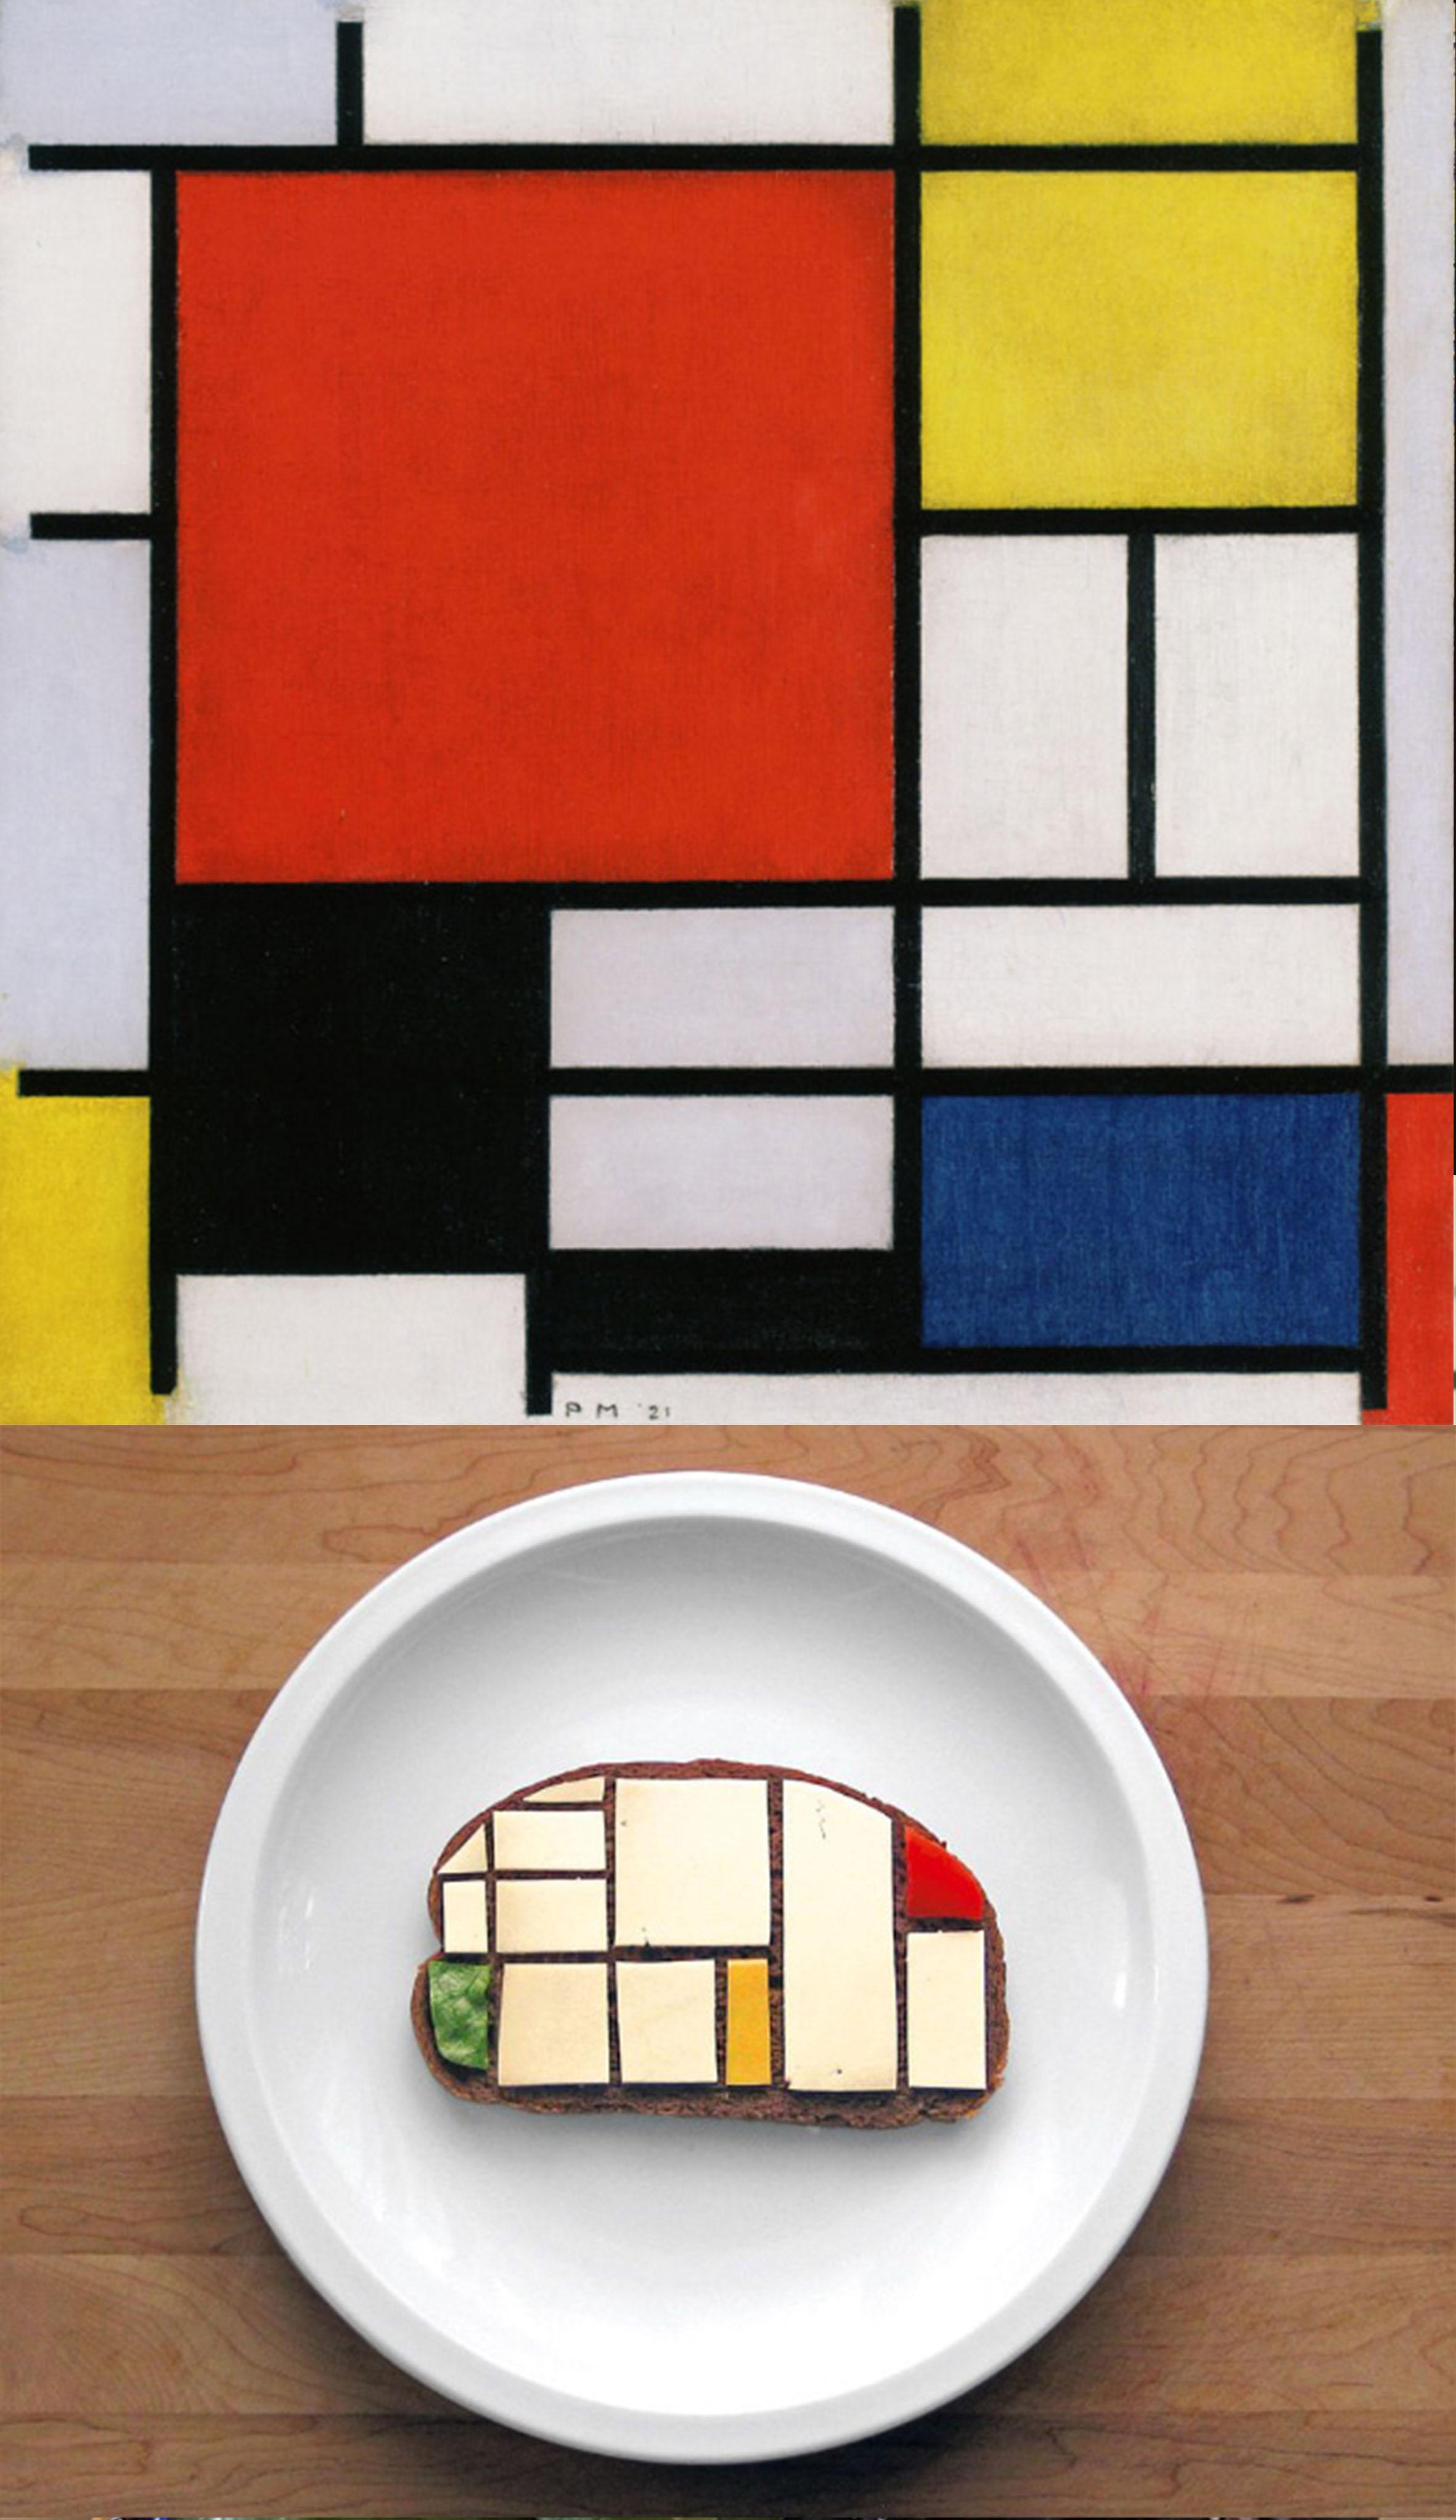 چالش ساندویچ به سبک نقاشی های معروف